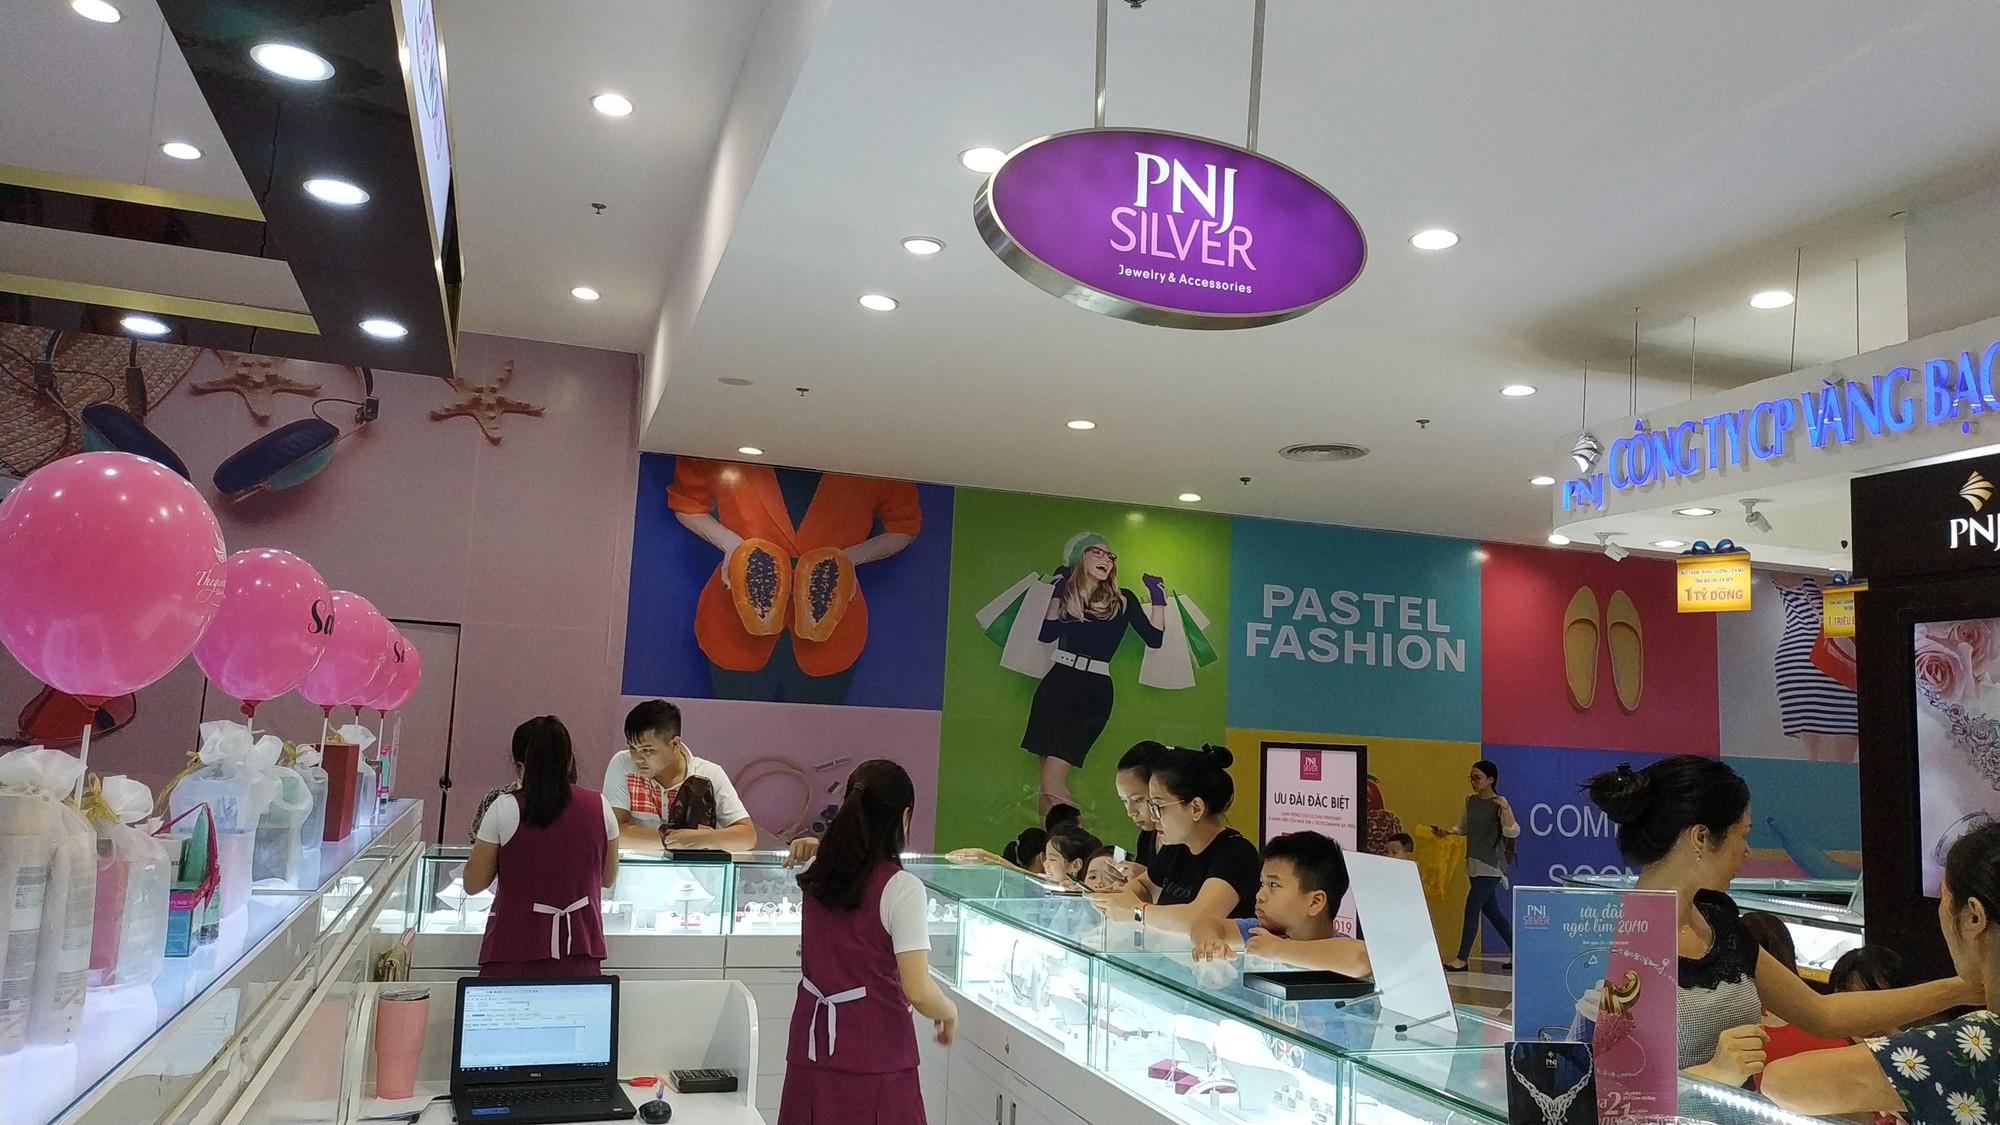 PNJ thua lỗ trong tháng 4, doanh thu giảm gần một nửa - Ảnh 1.